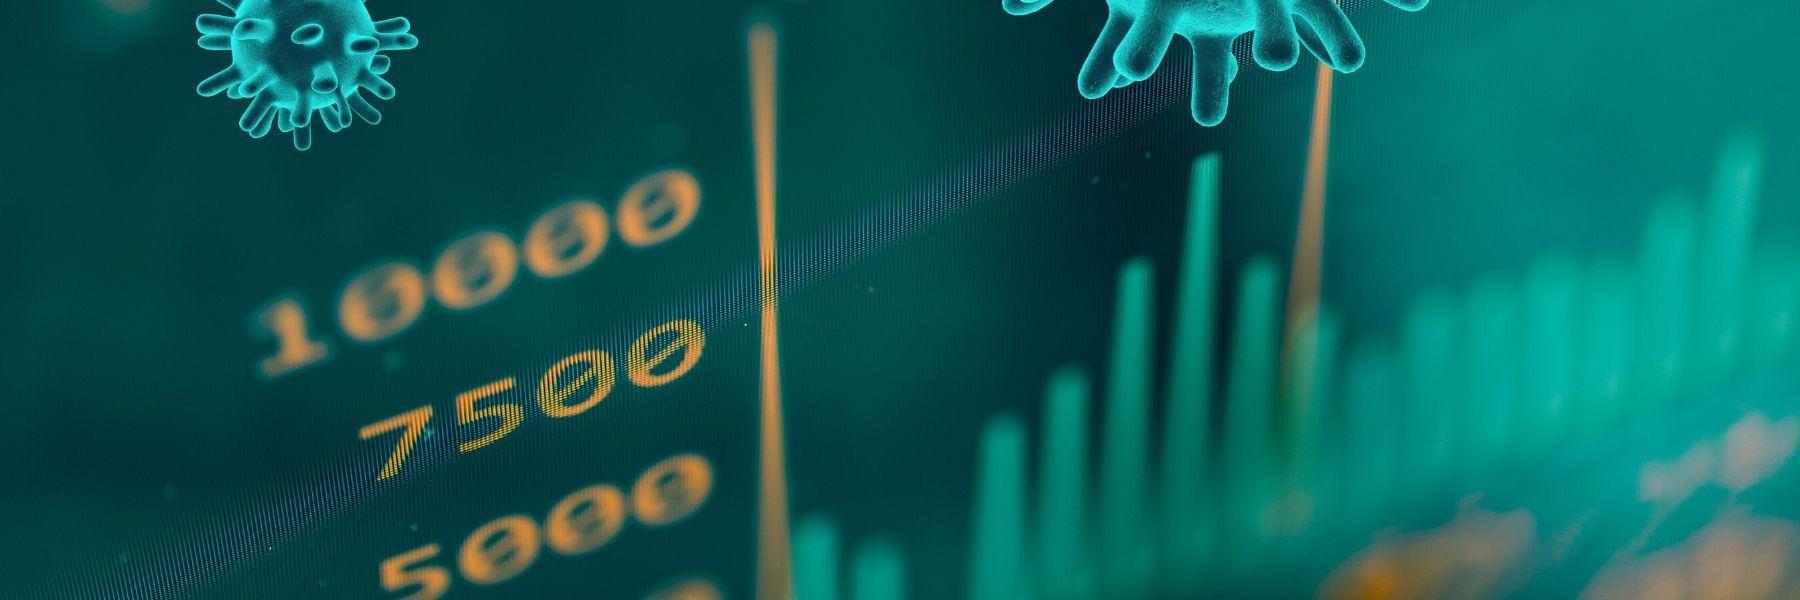 COVID-19 : impact sur l'immobiliser et les taux hypothécaires